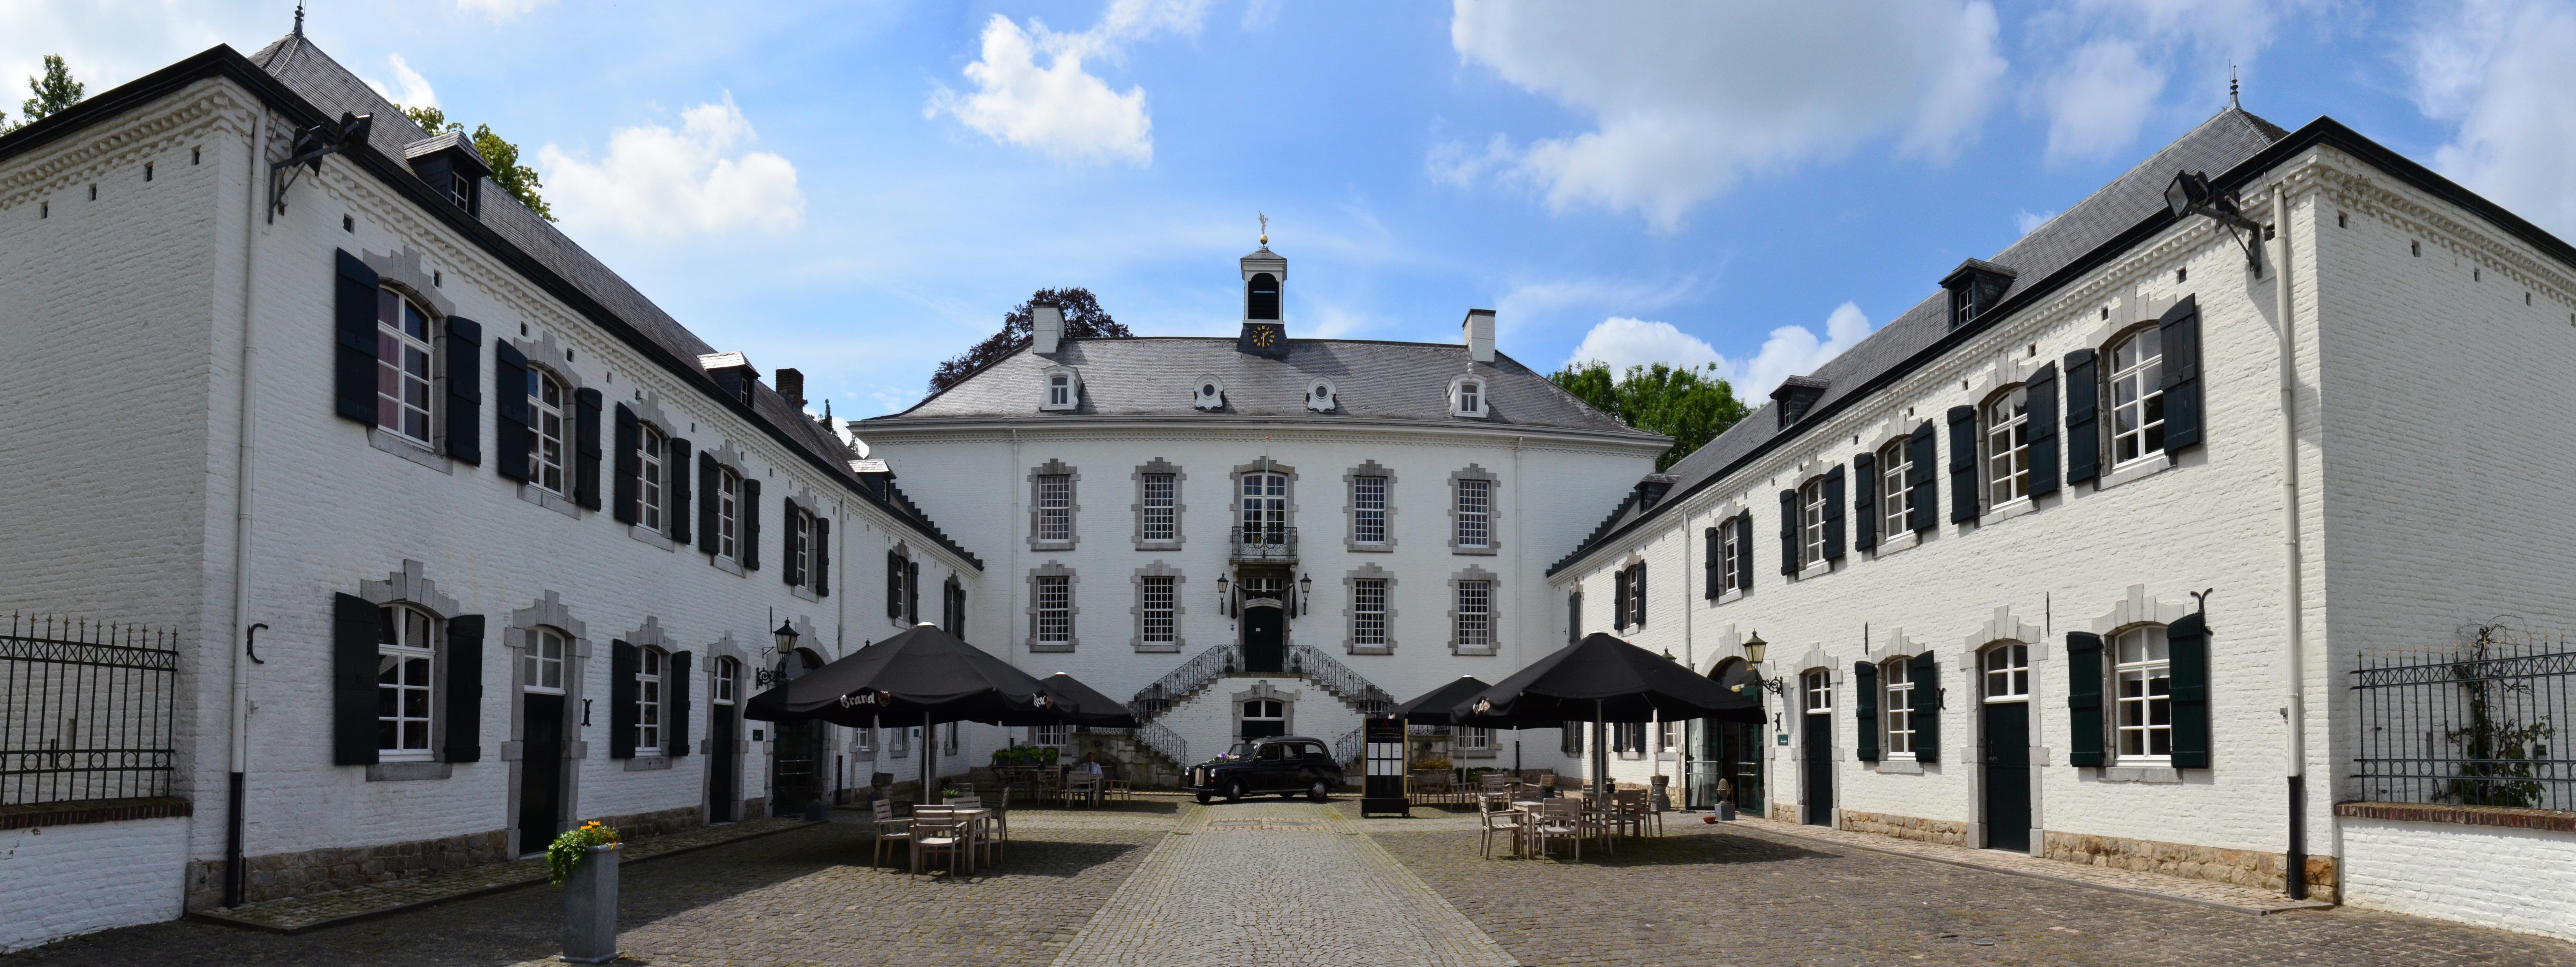 Schloss Vaalsbroek - Wikiwand